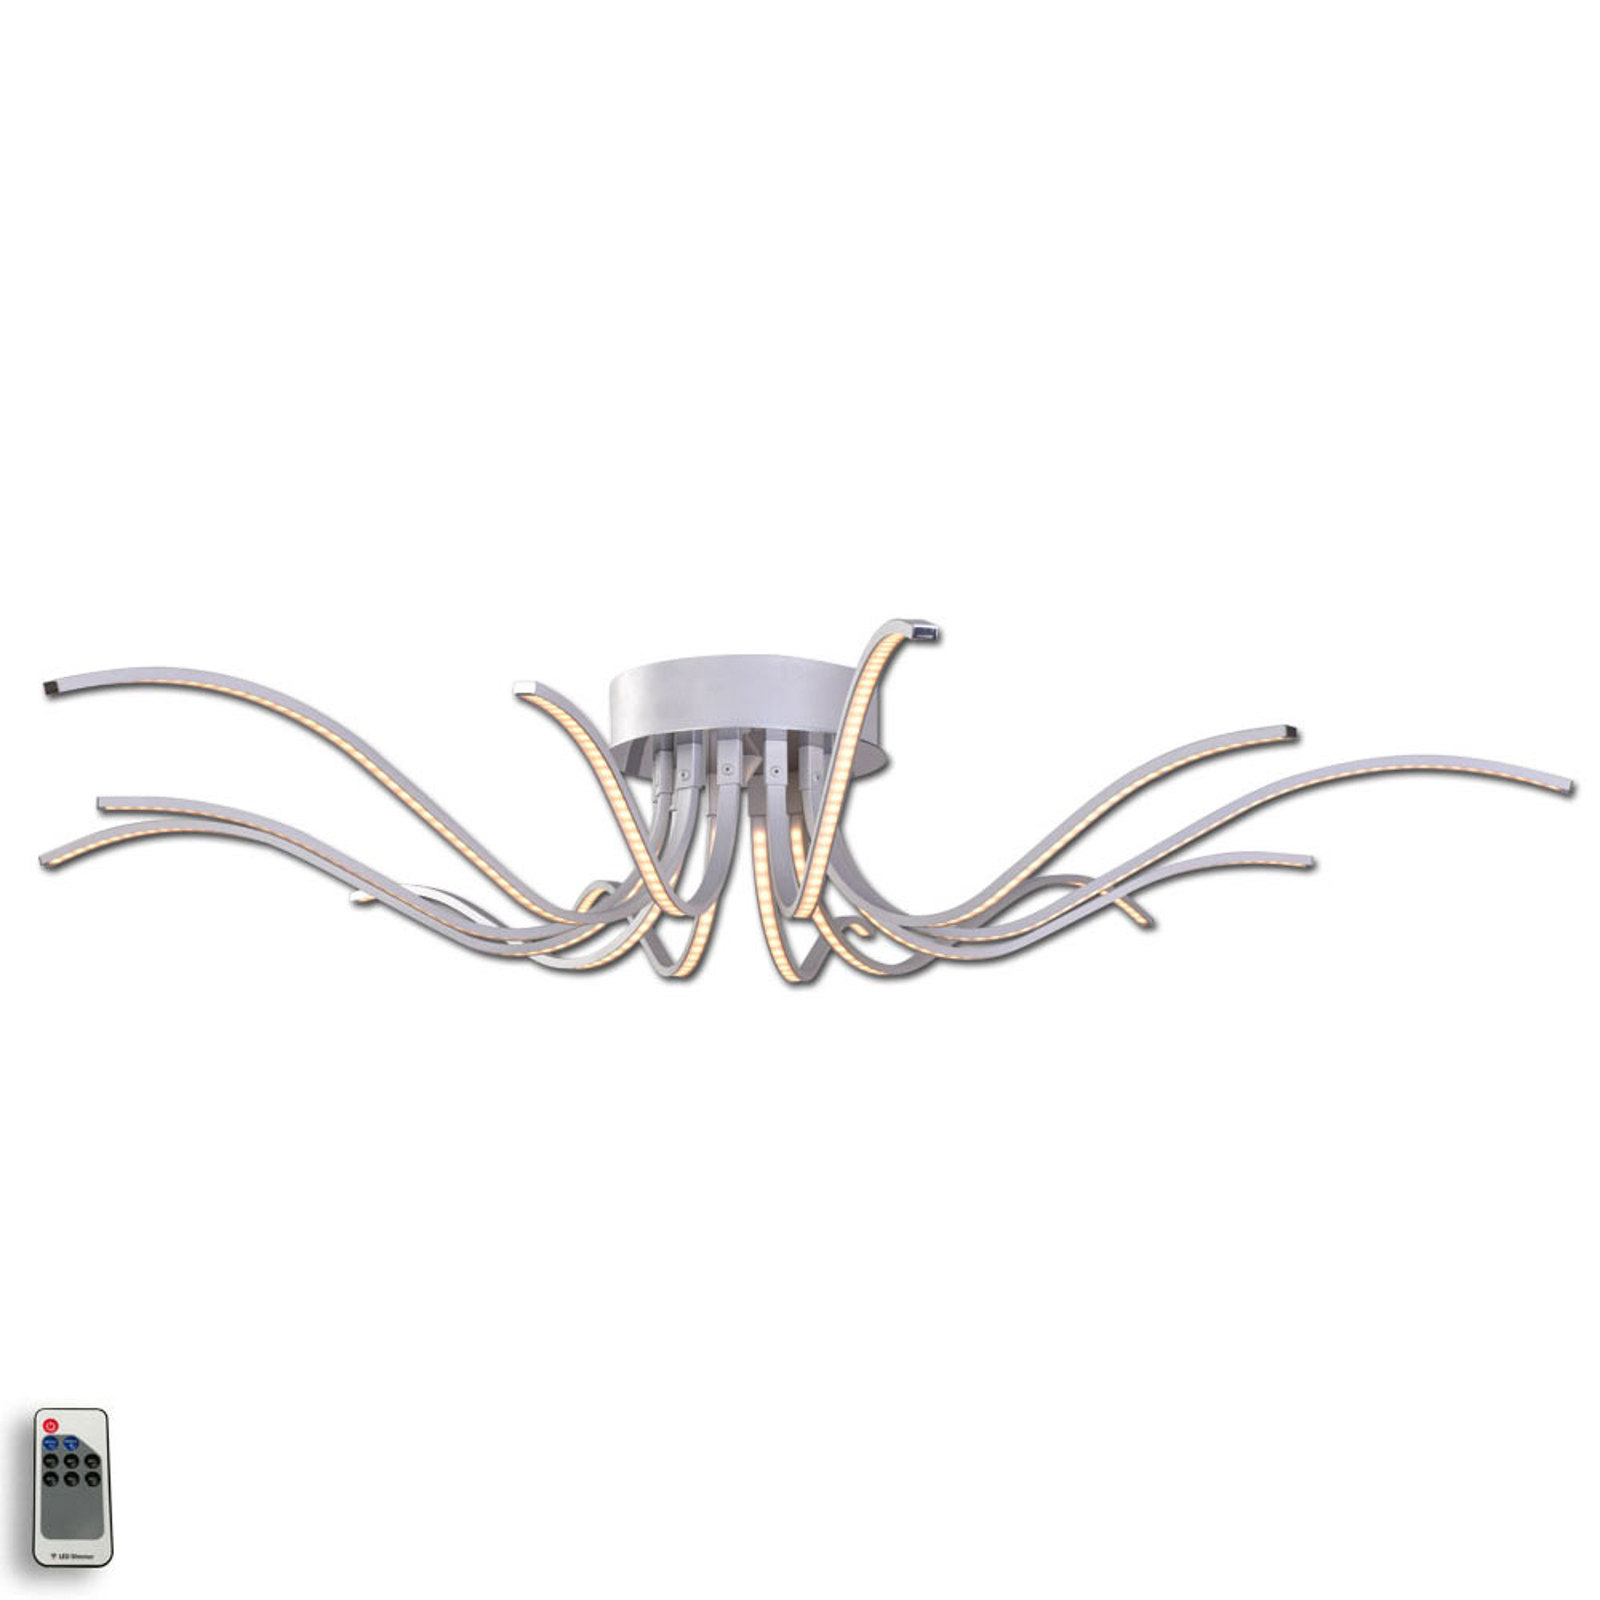 LED-kattovalaisin Lumenos, alumiinia